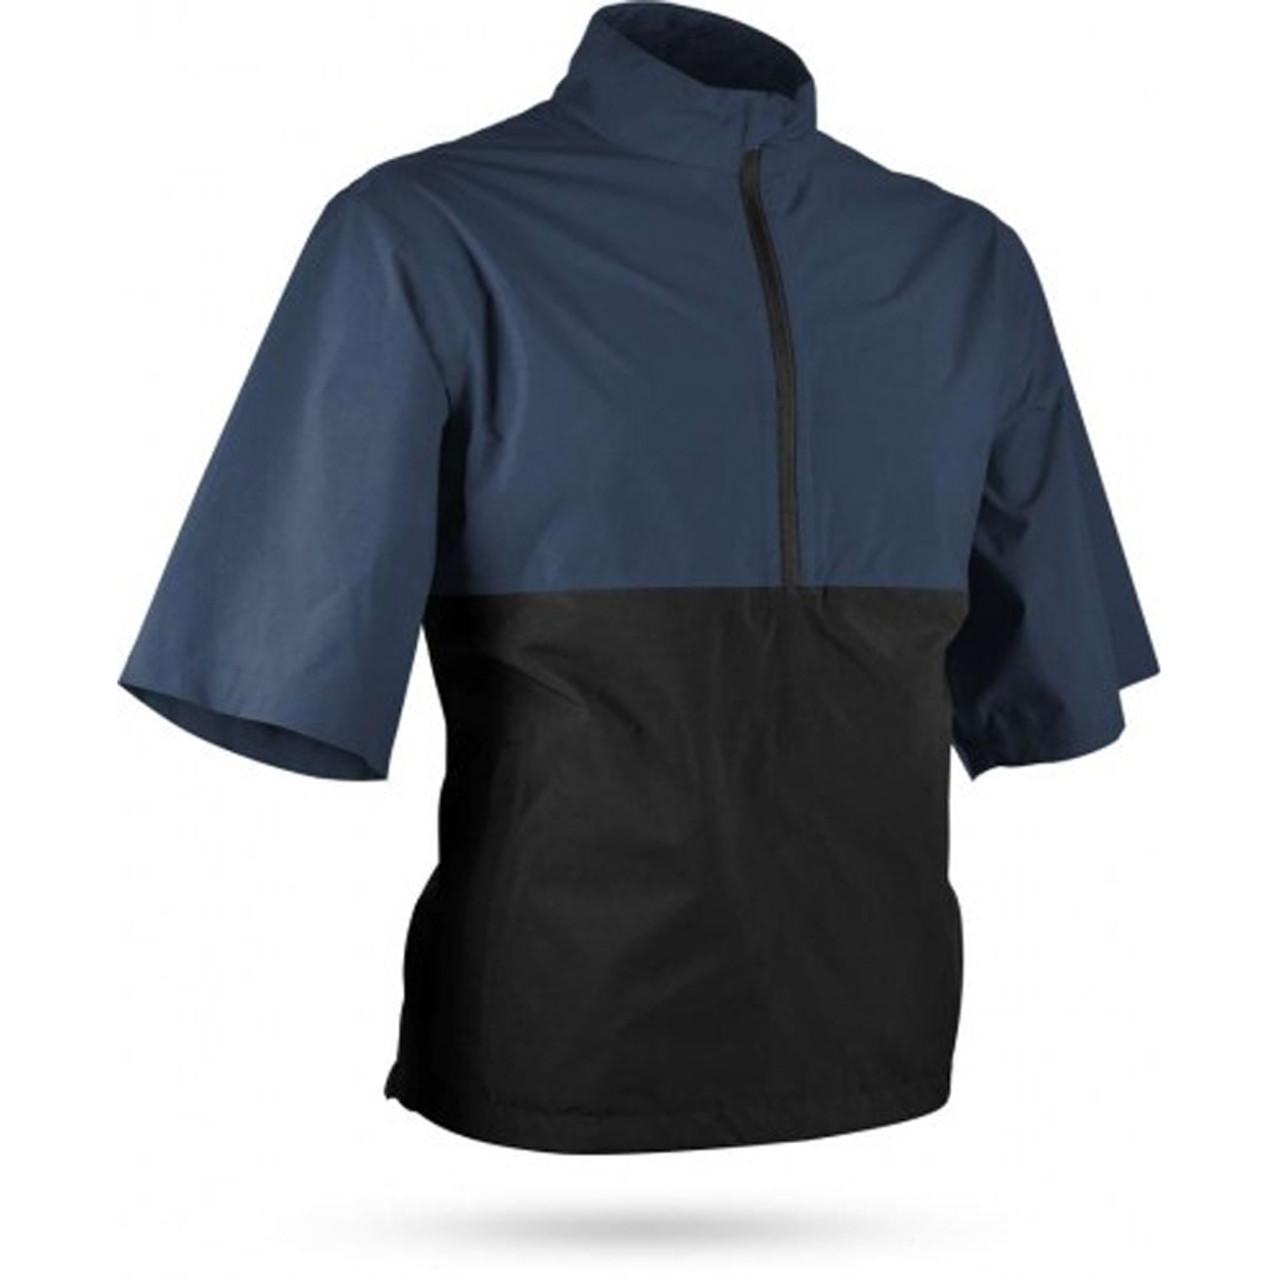 Sun Mountain Monsoon Short Sleeve Pullover - Navy / Black